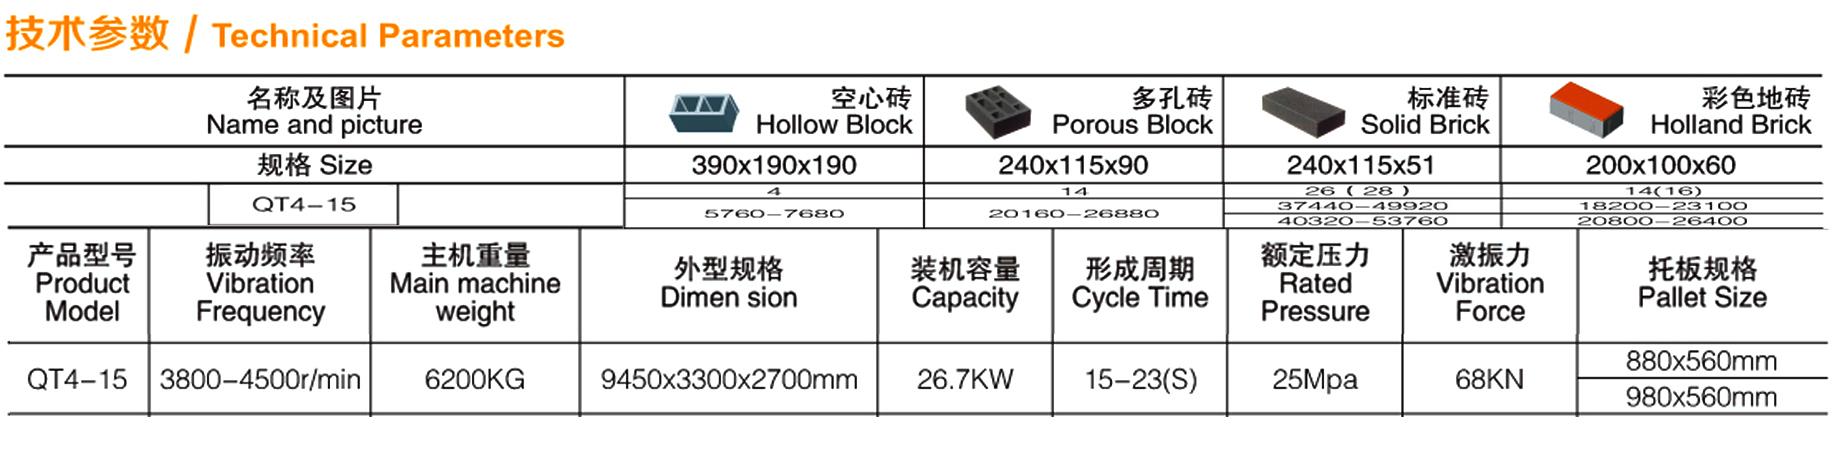 全自动制砖机QT4-15参数